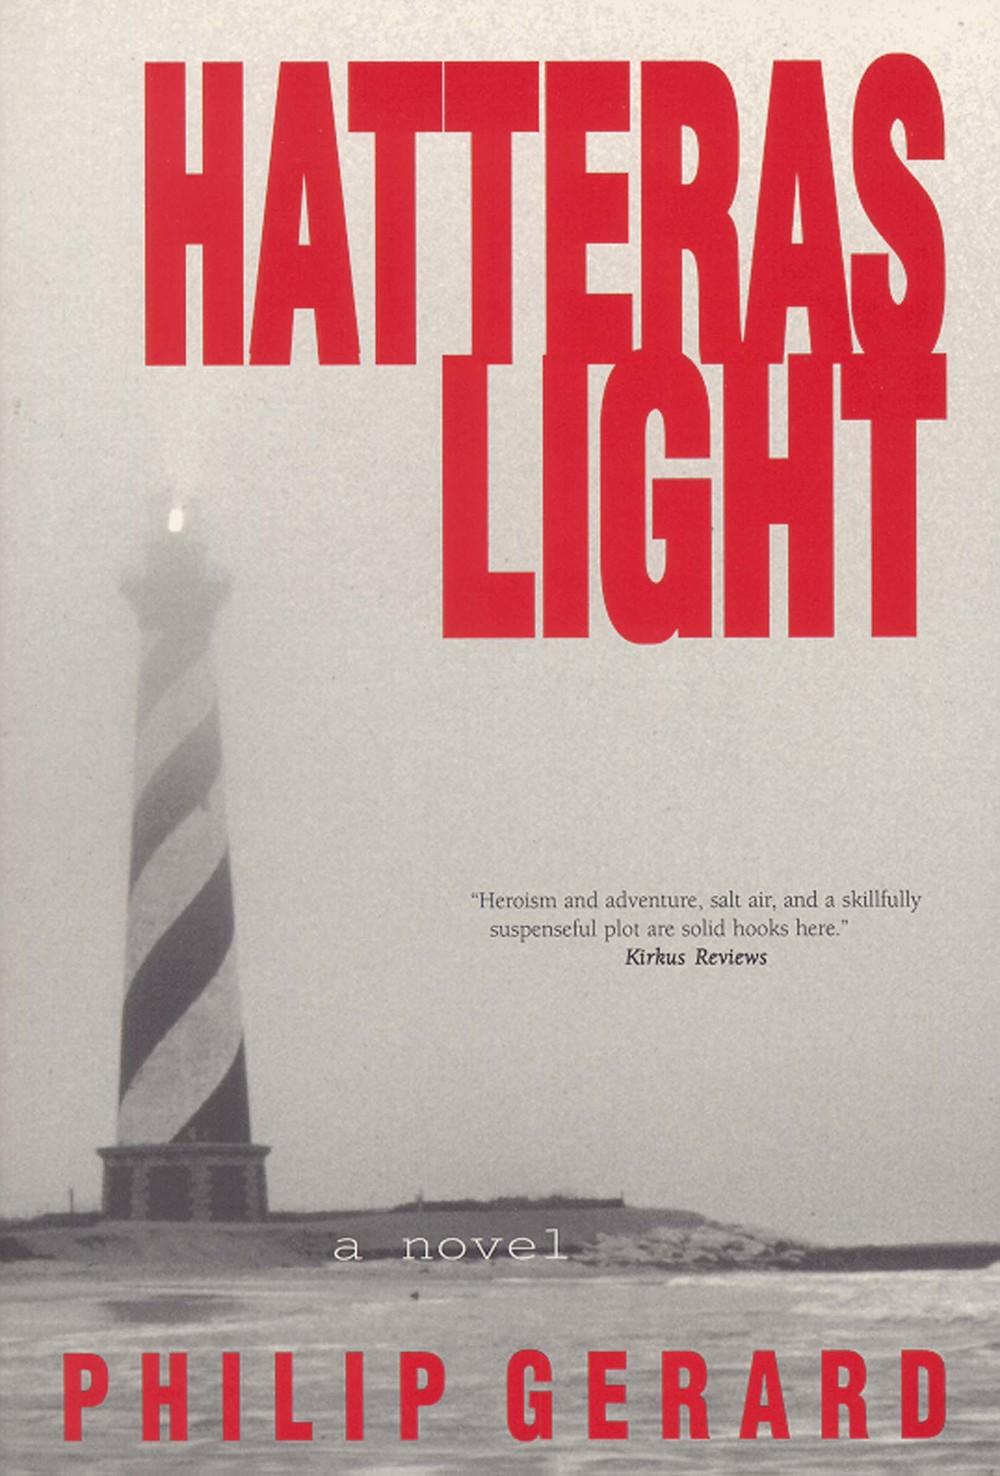 Hatteras_Light.jpg